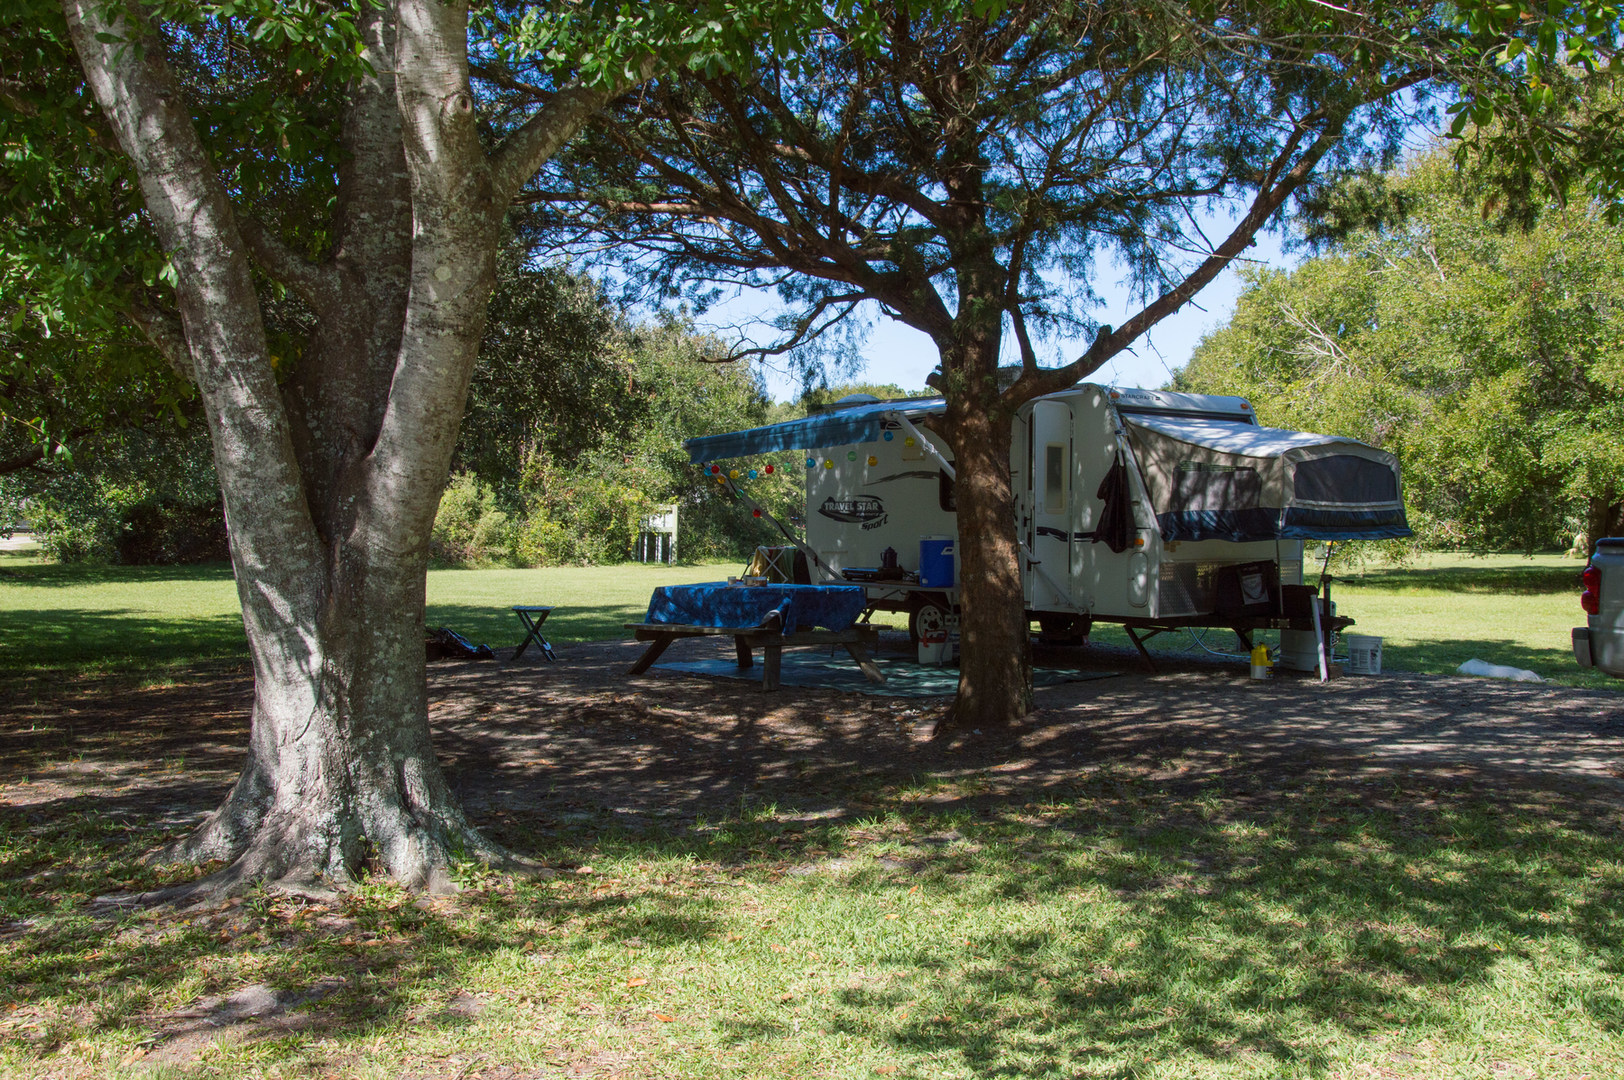 Huntington Beach State Park Campground